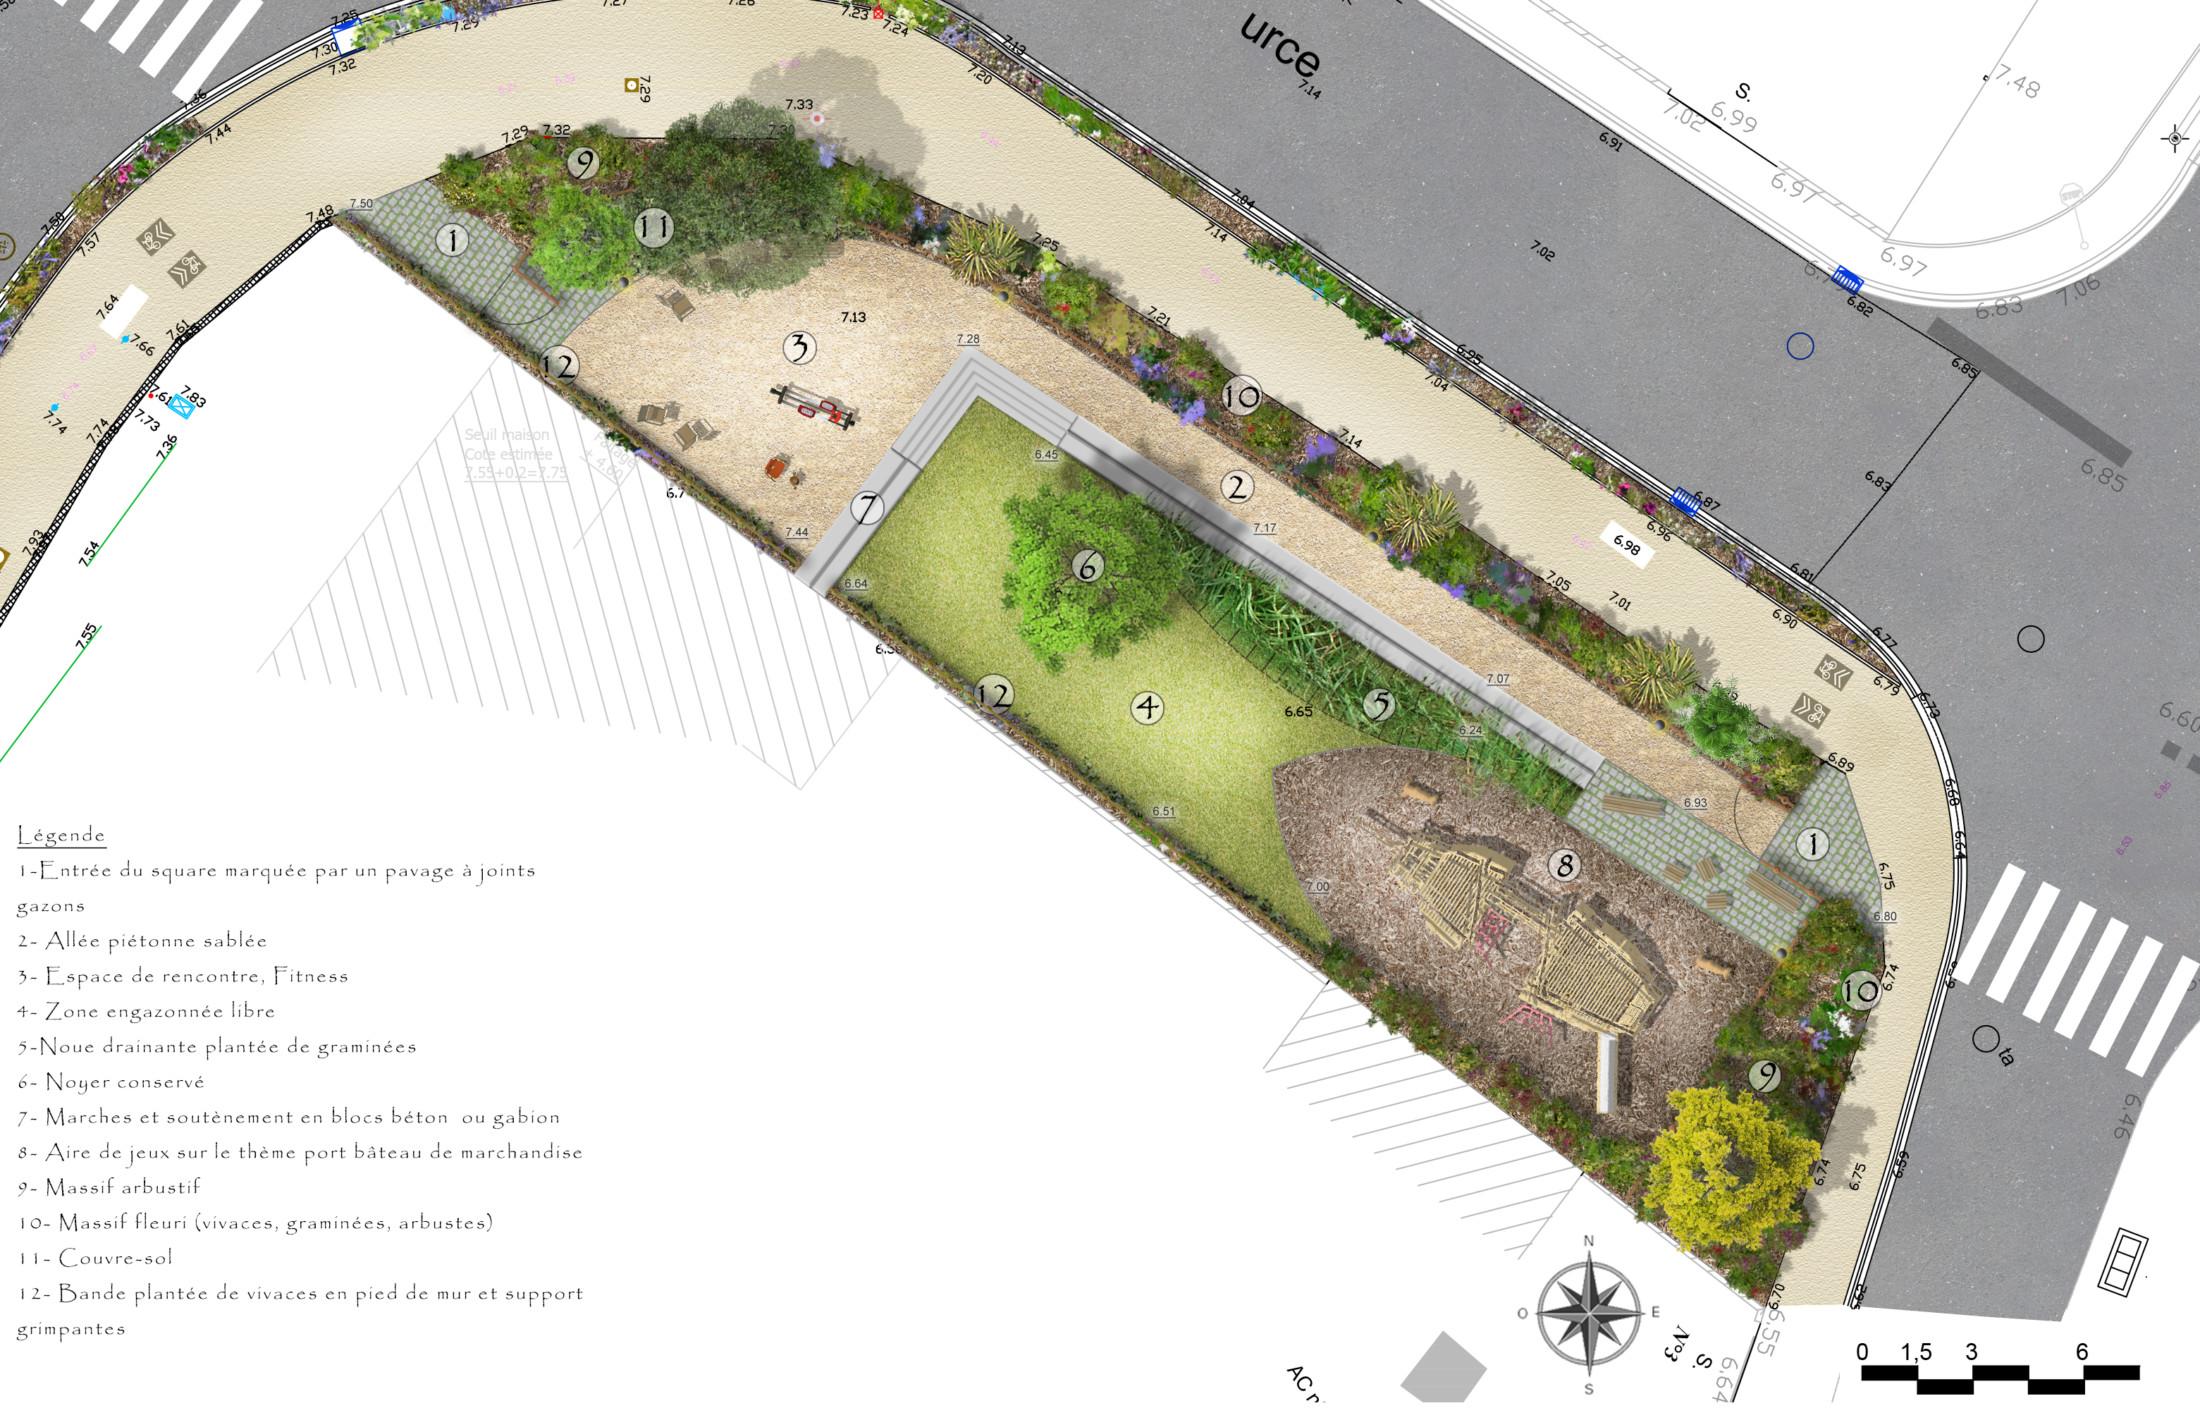 jardin-square-public-jeux-parcours sportif